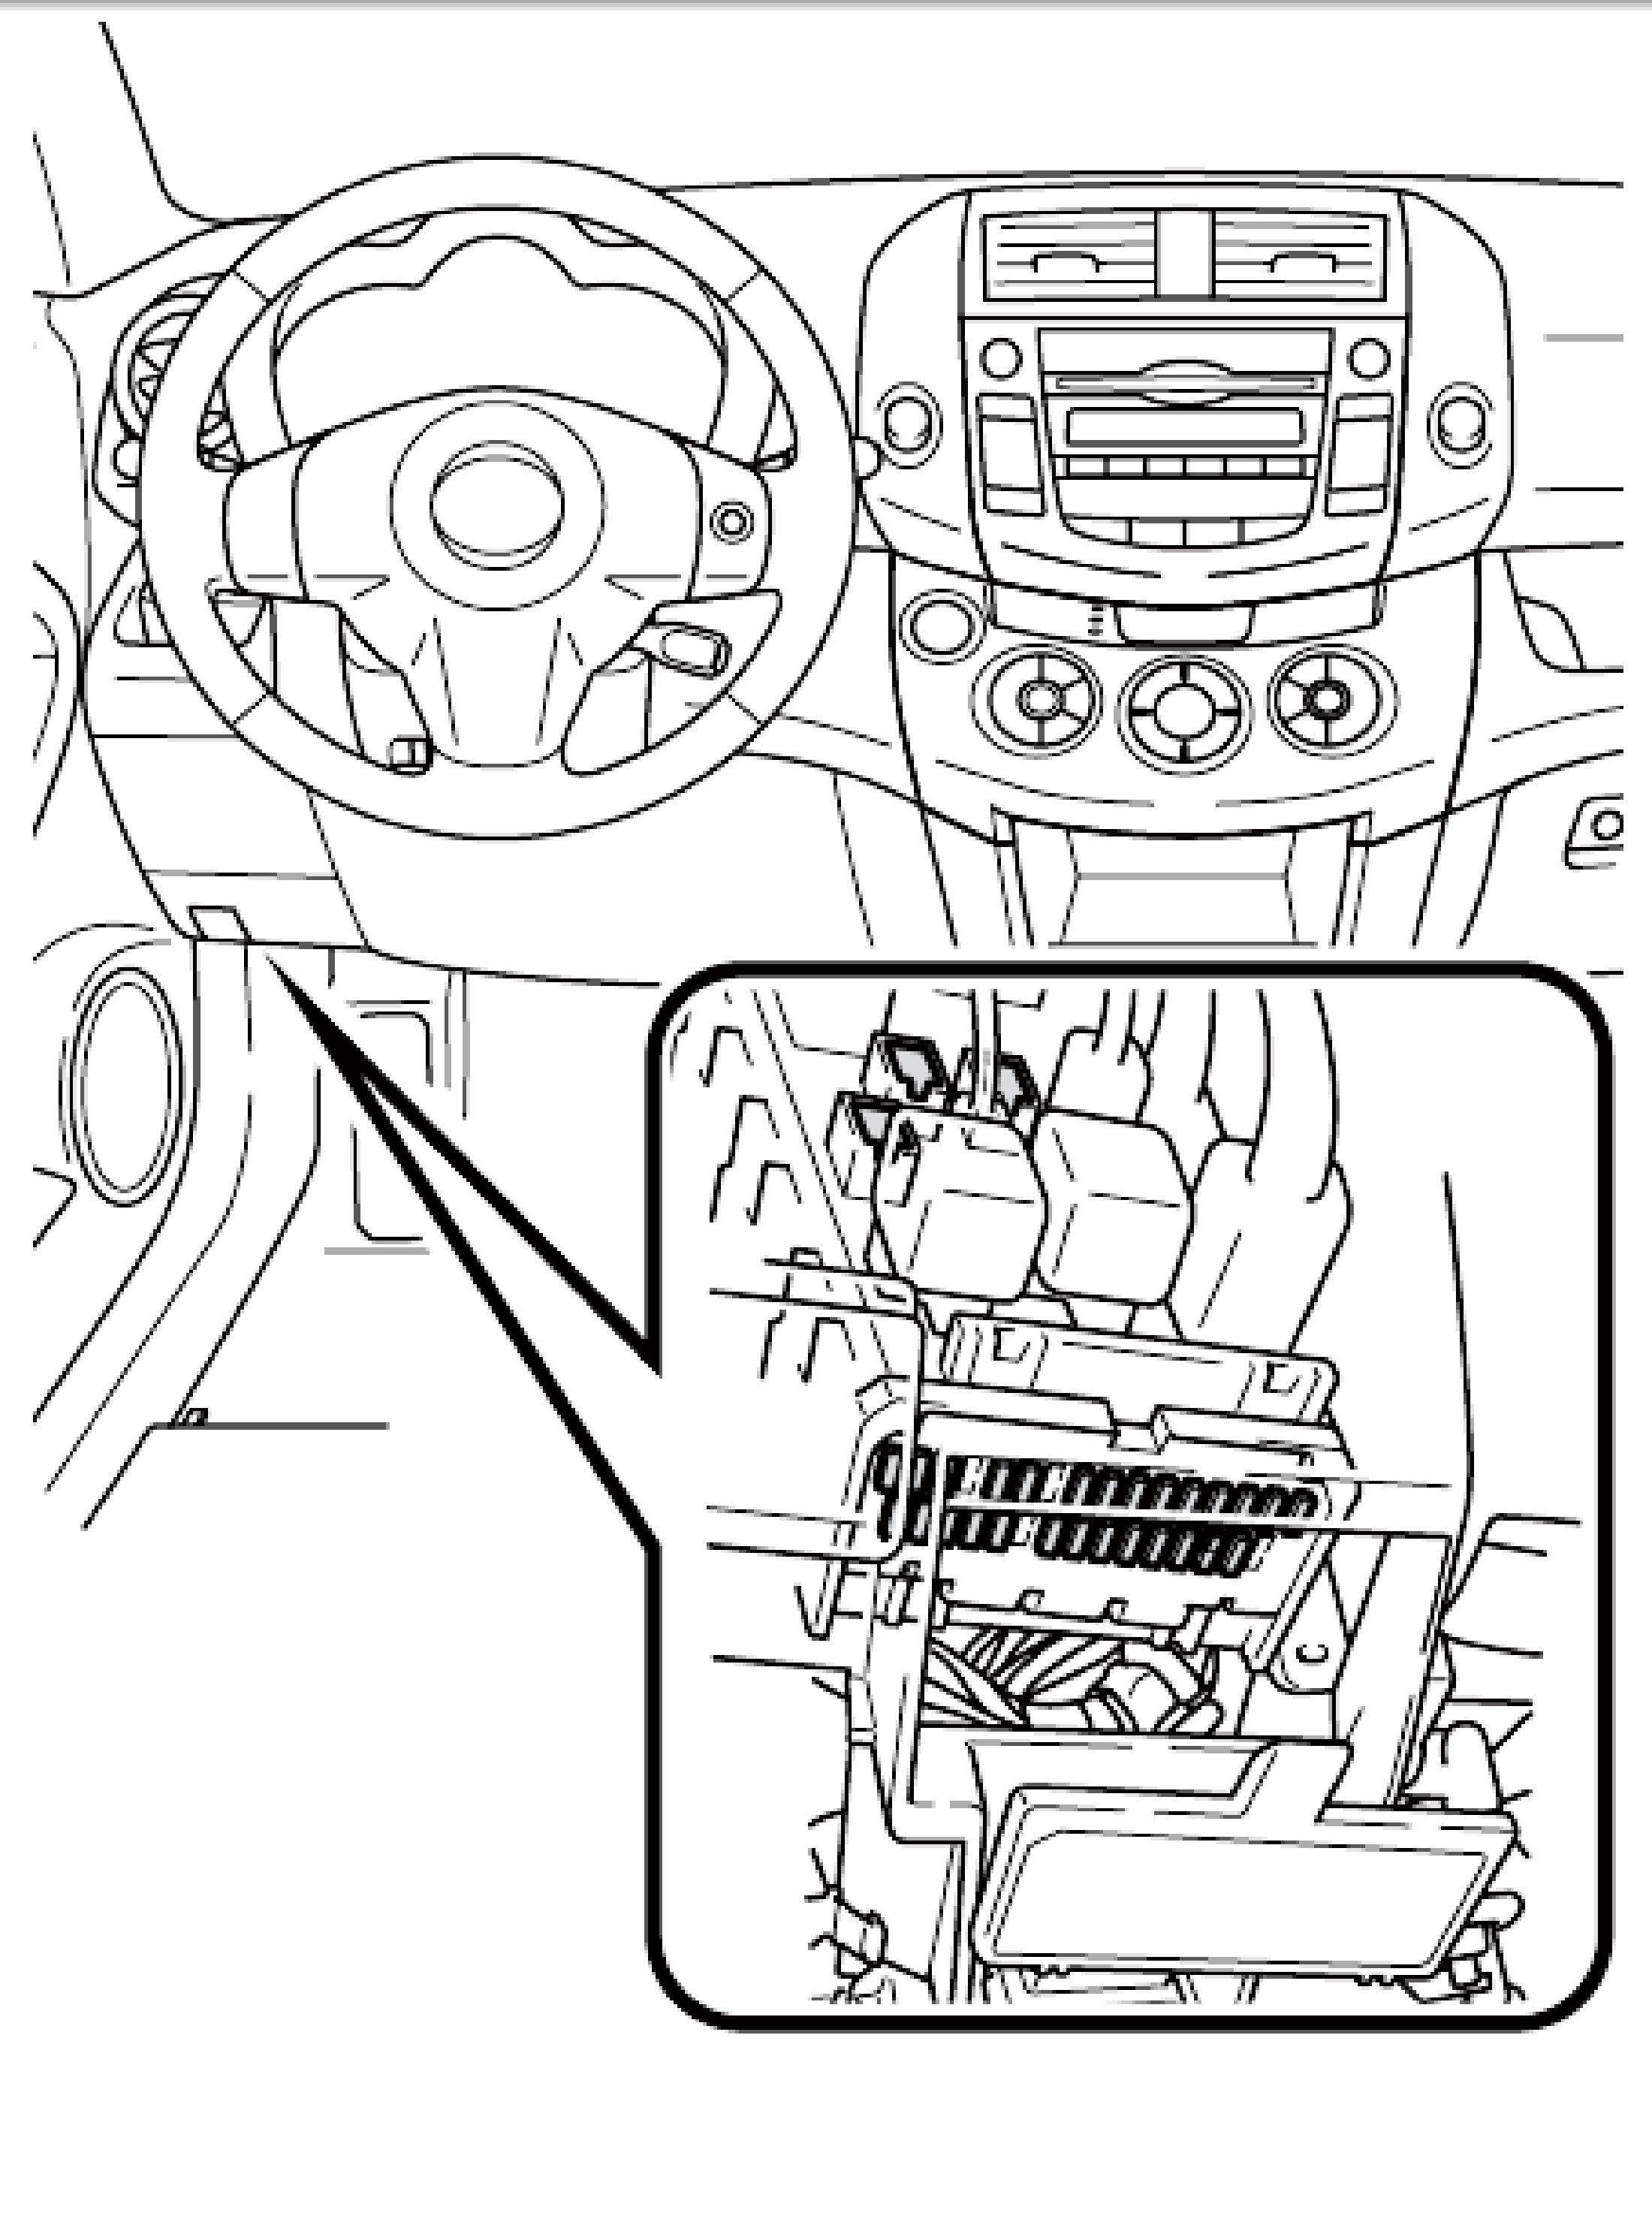 2006 Toyotum Corolla Fuse Box Location